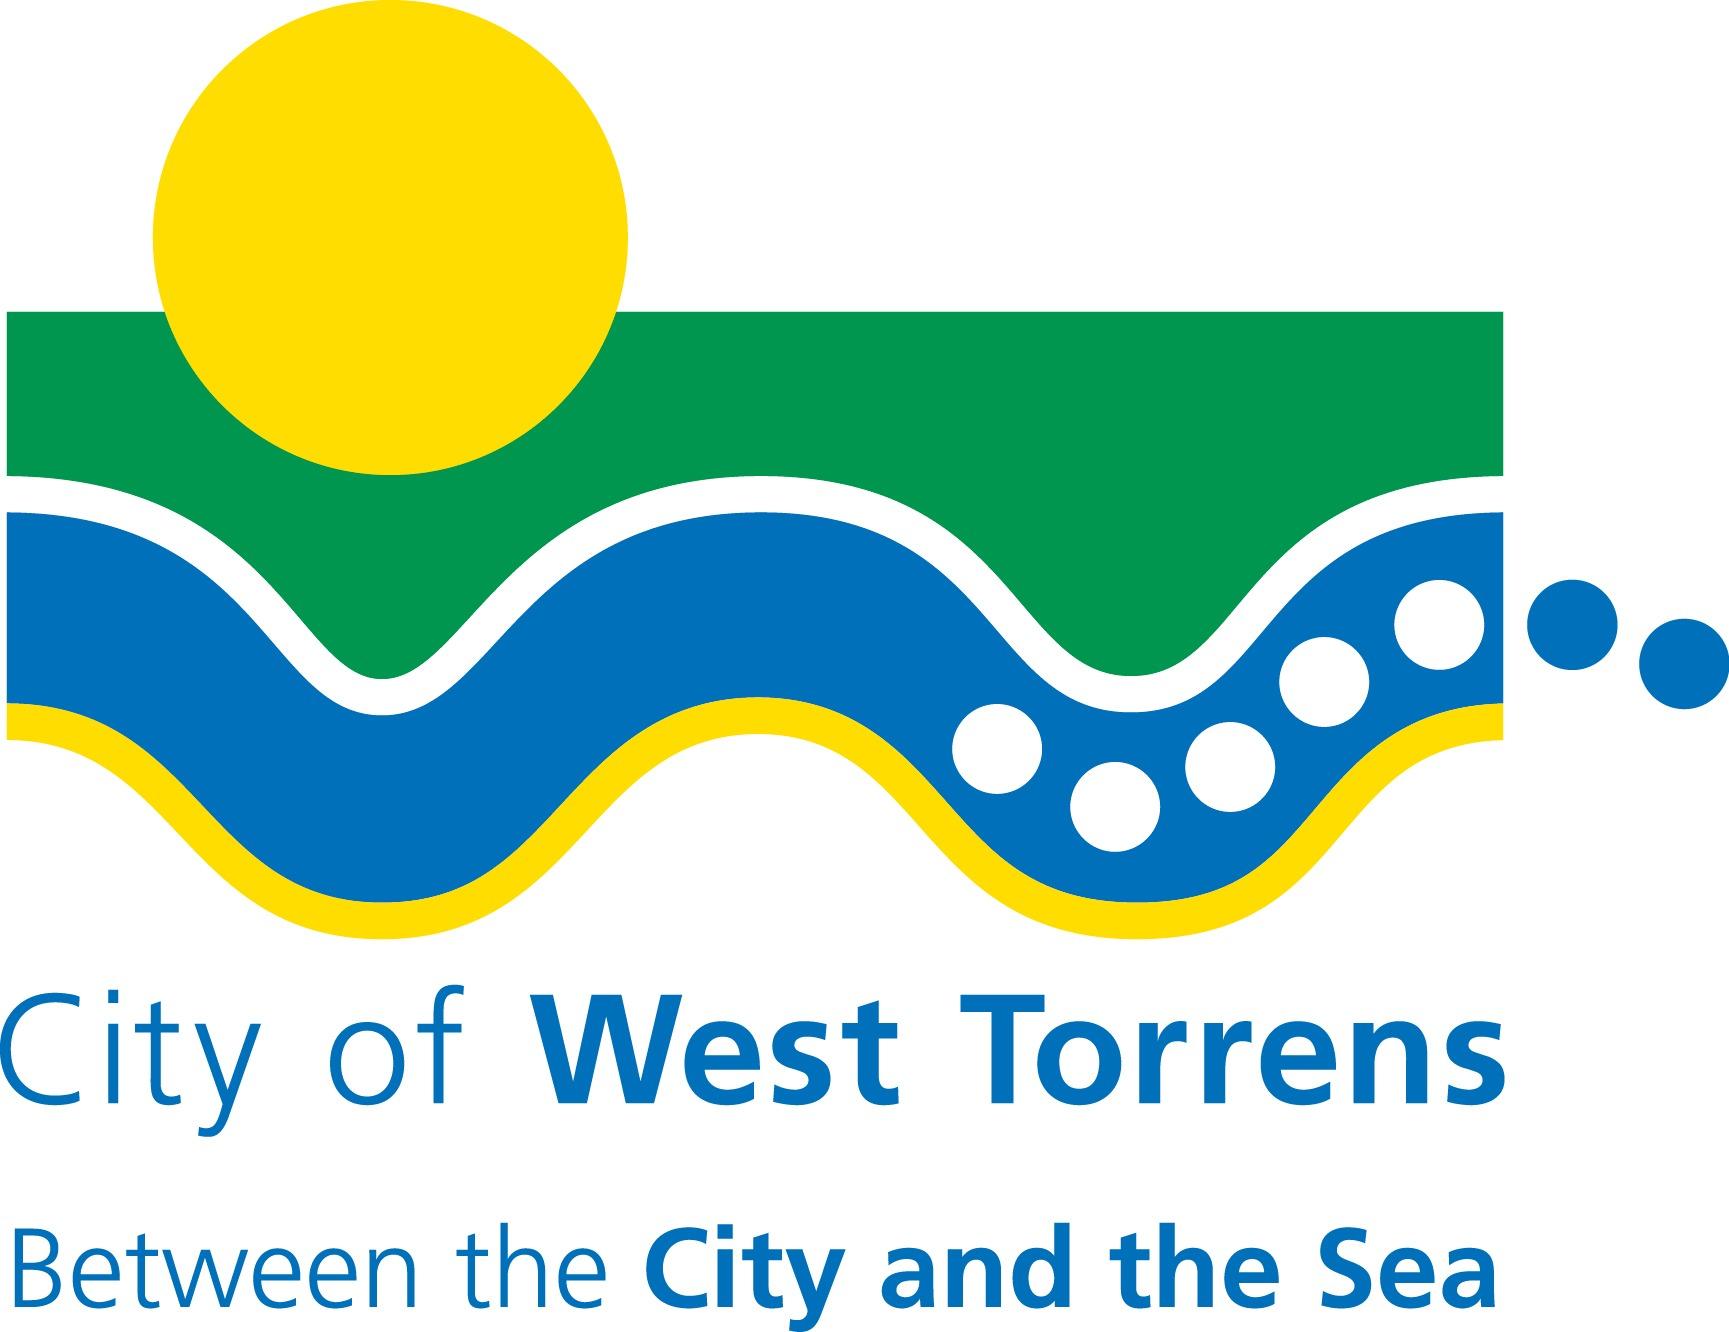 City of West Torrens logo